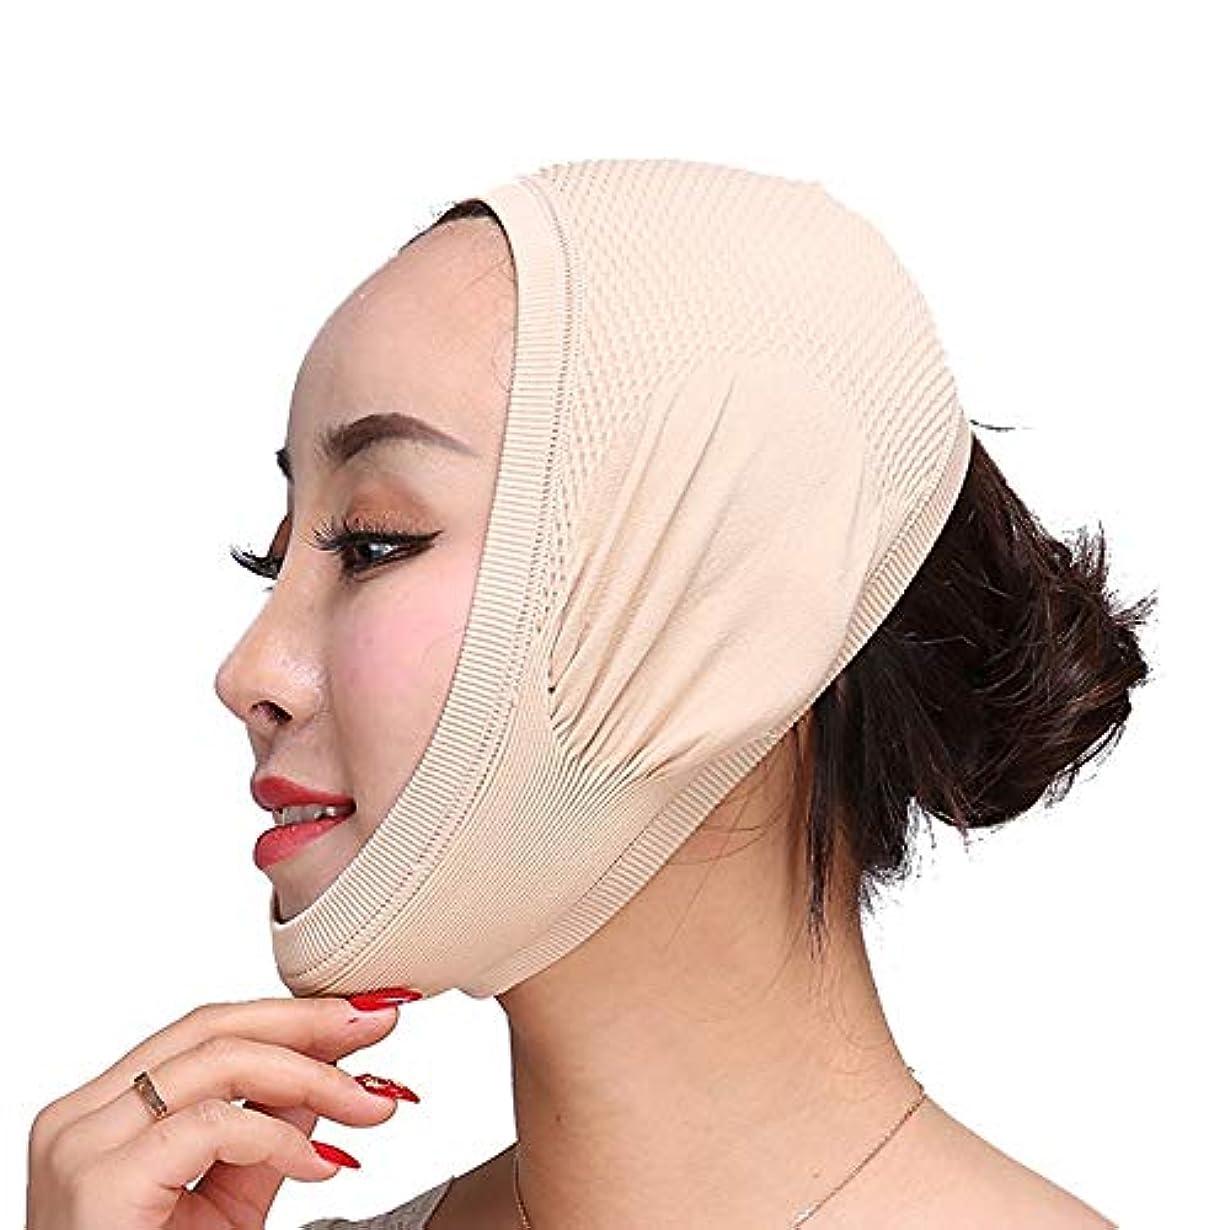 リーズペフ化合物薄い顔ベルト、スリープ包帯防止ひげルーピングリフティングファーミング顔の皮膚ダブルチンリデューサー薄い顔ステッカーVフェイスマスク (Color : A)